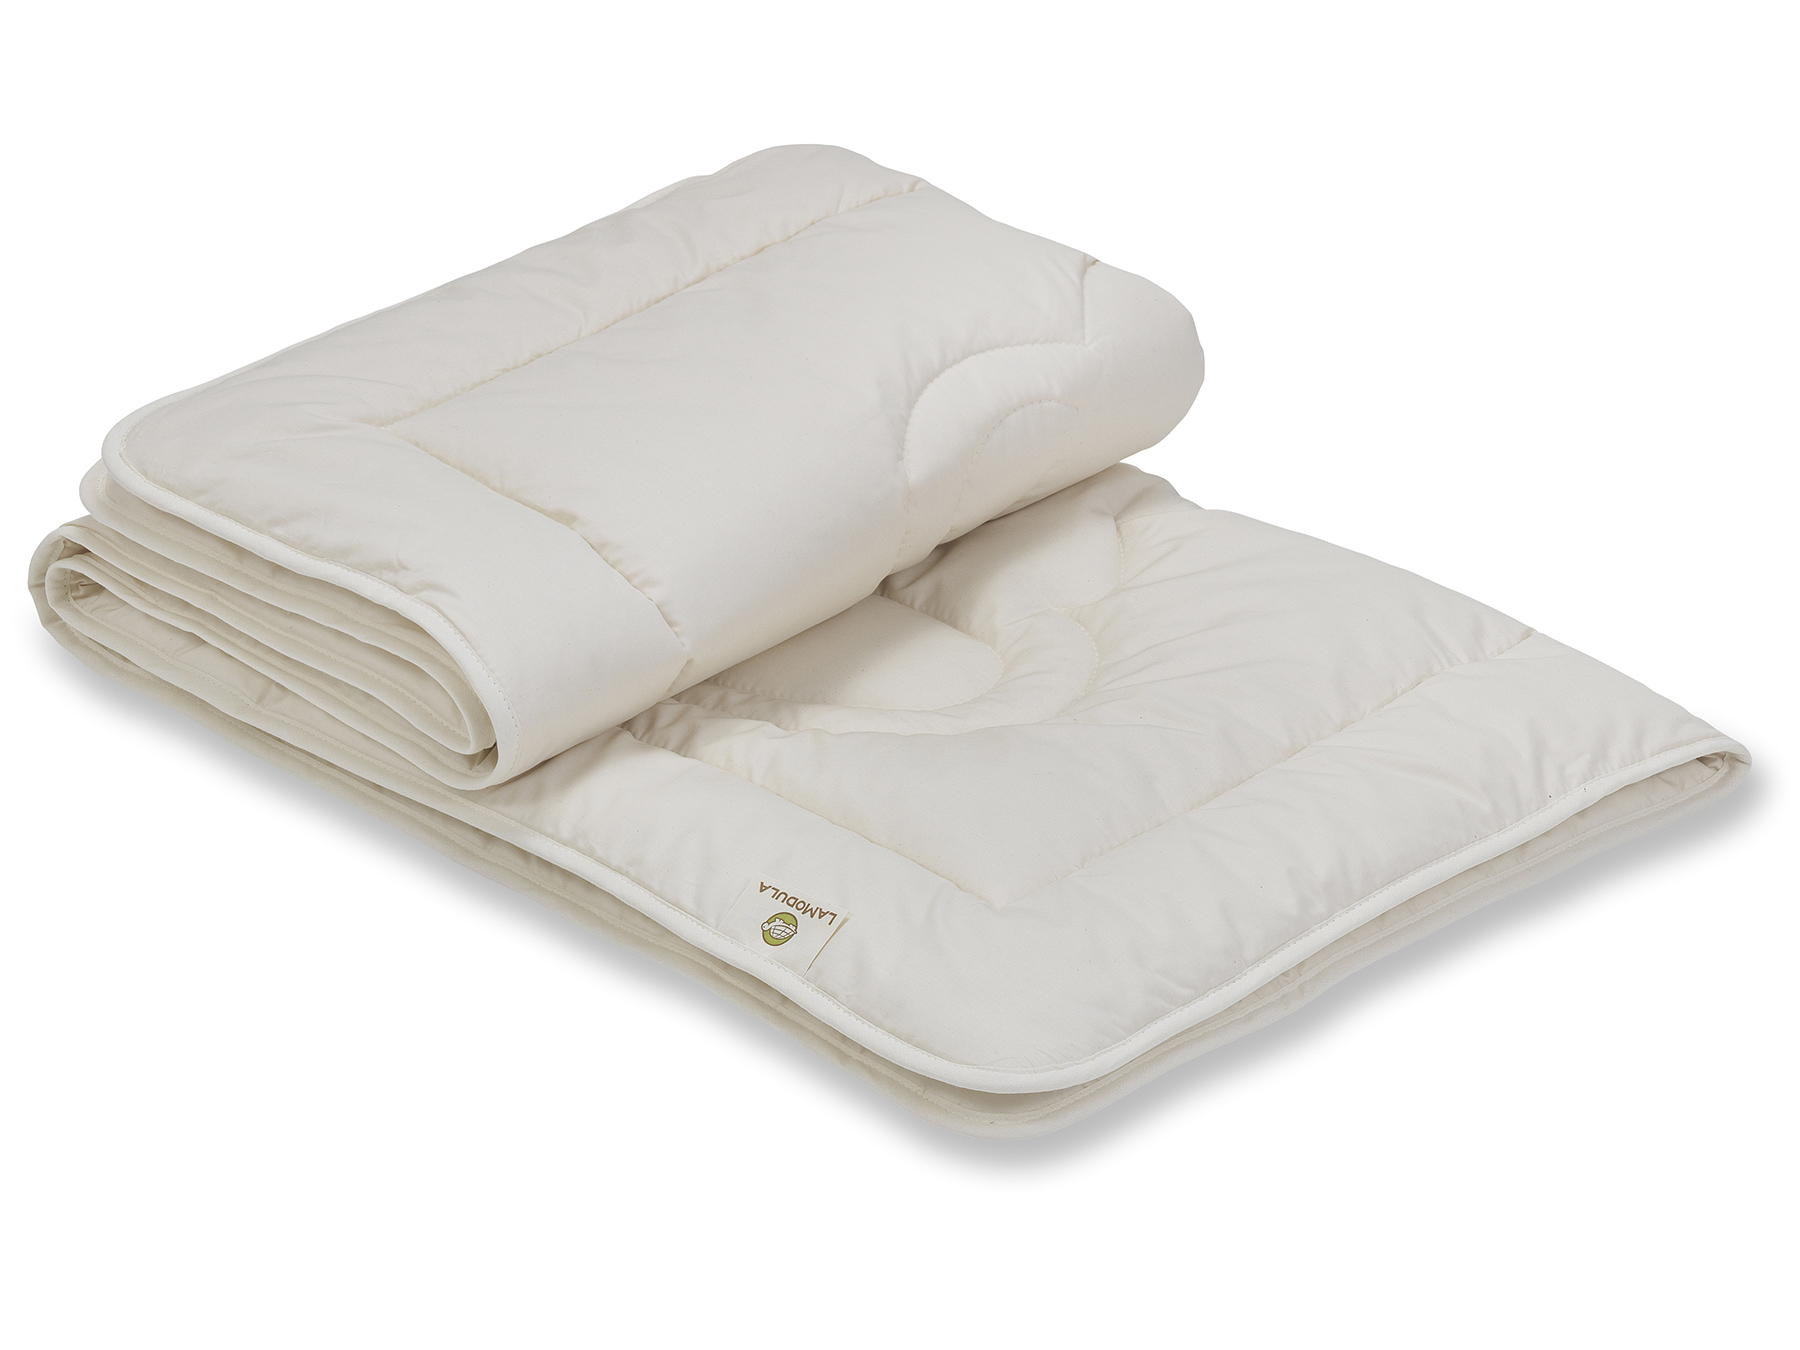 Sie haben die Wahl: leichte Sommerdecke oder Duo-Bettdecke für die kühlere Jahreszeit.